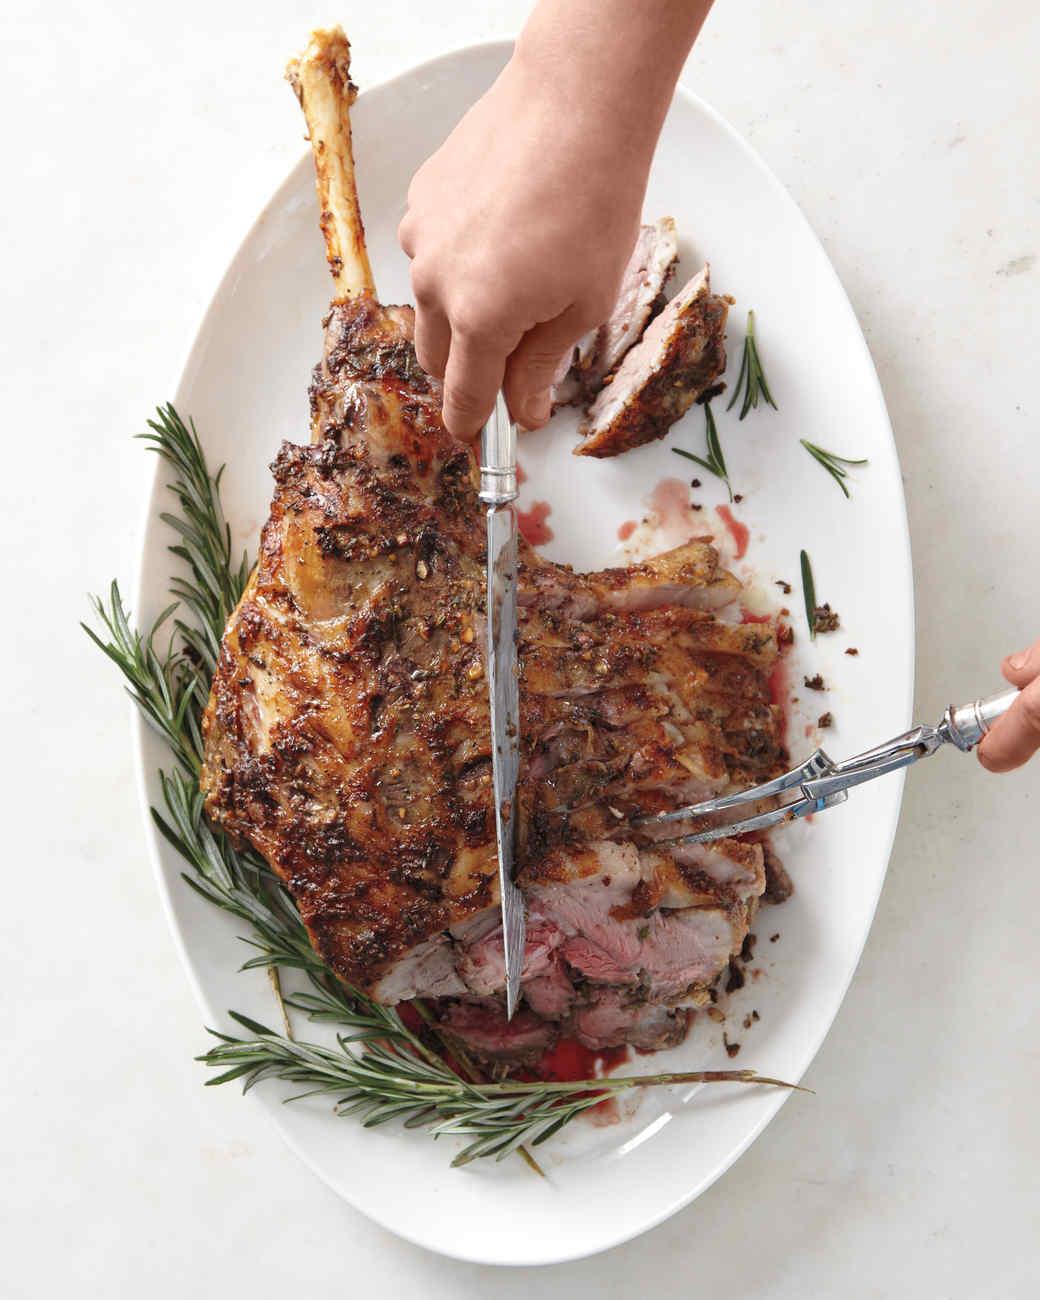 lamb-carving-206-mld109725.jpg